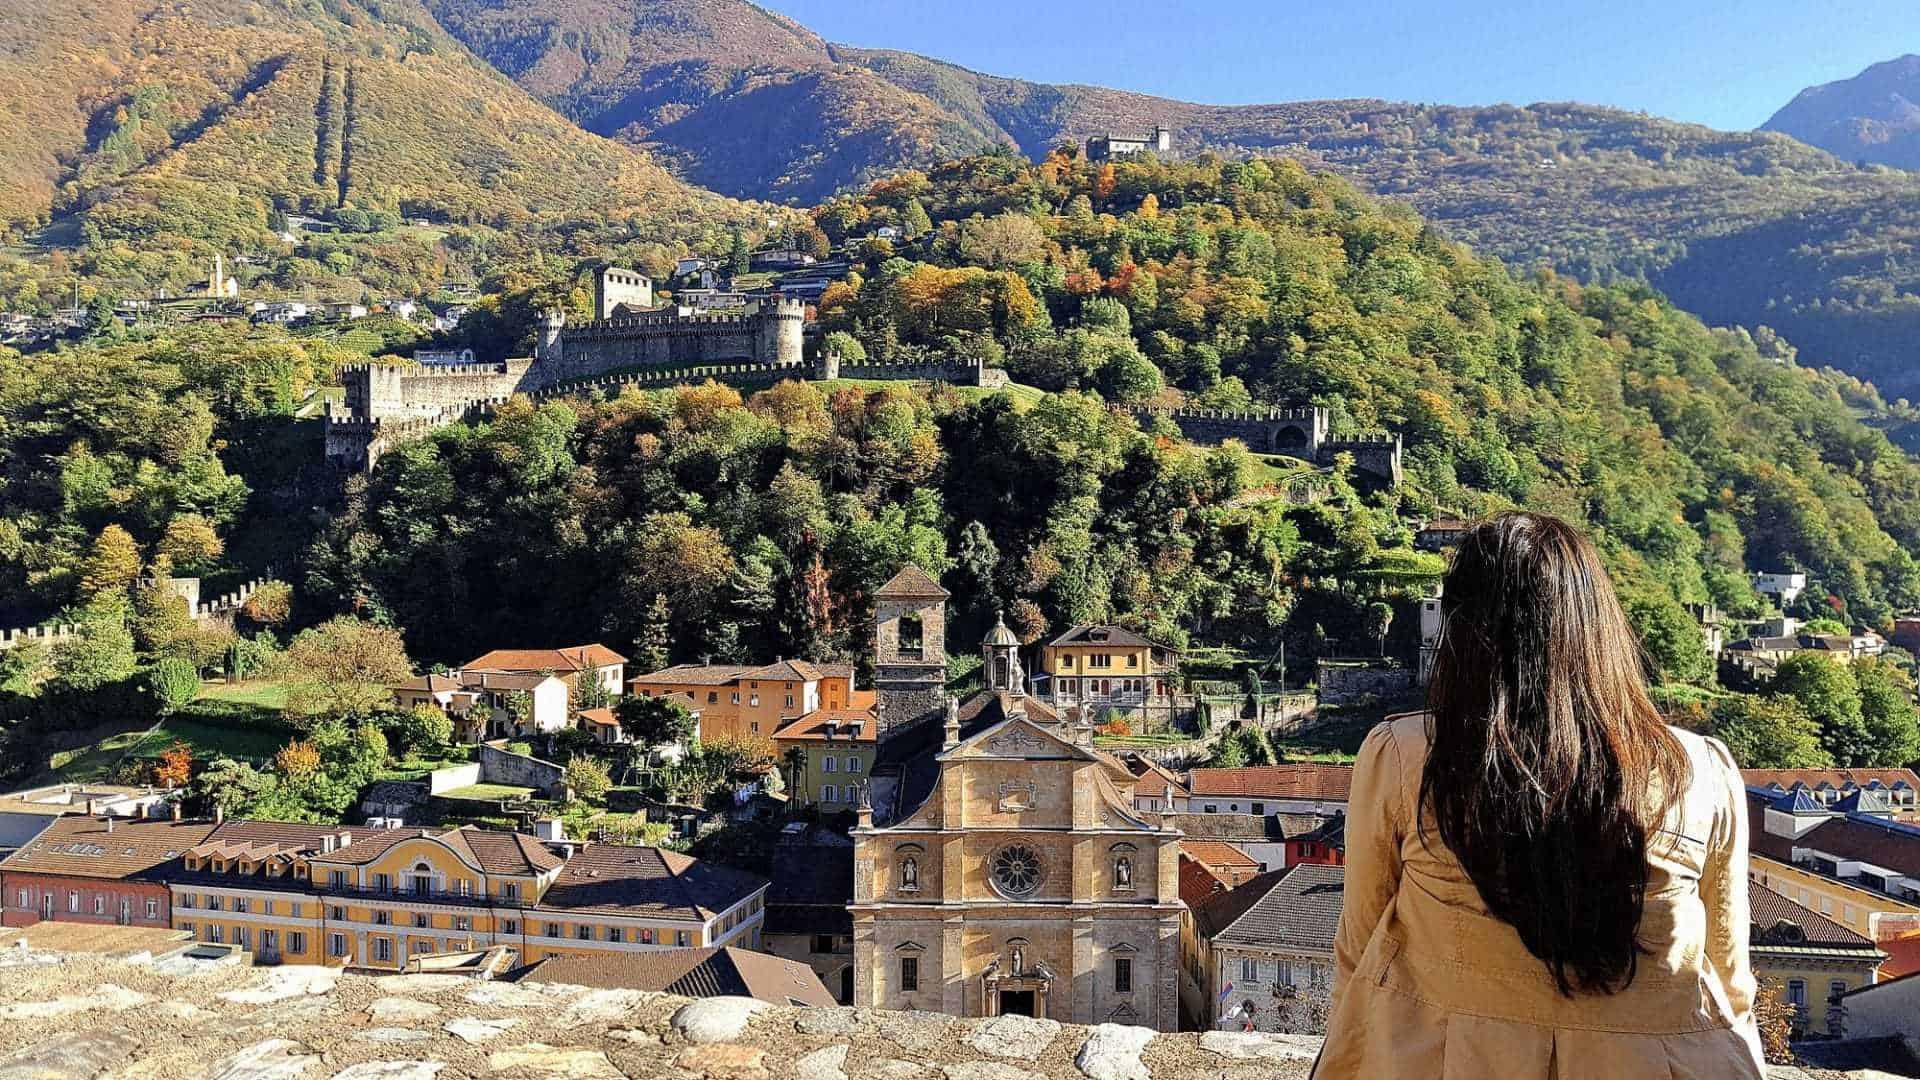 Cosa vedere a Bellinzona, la città dei tre castelli patrimonio dell'Unesco